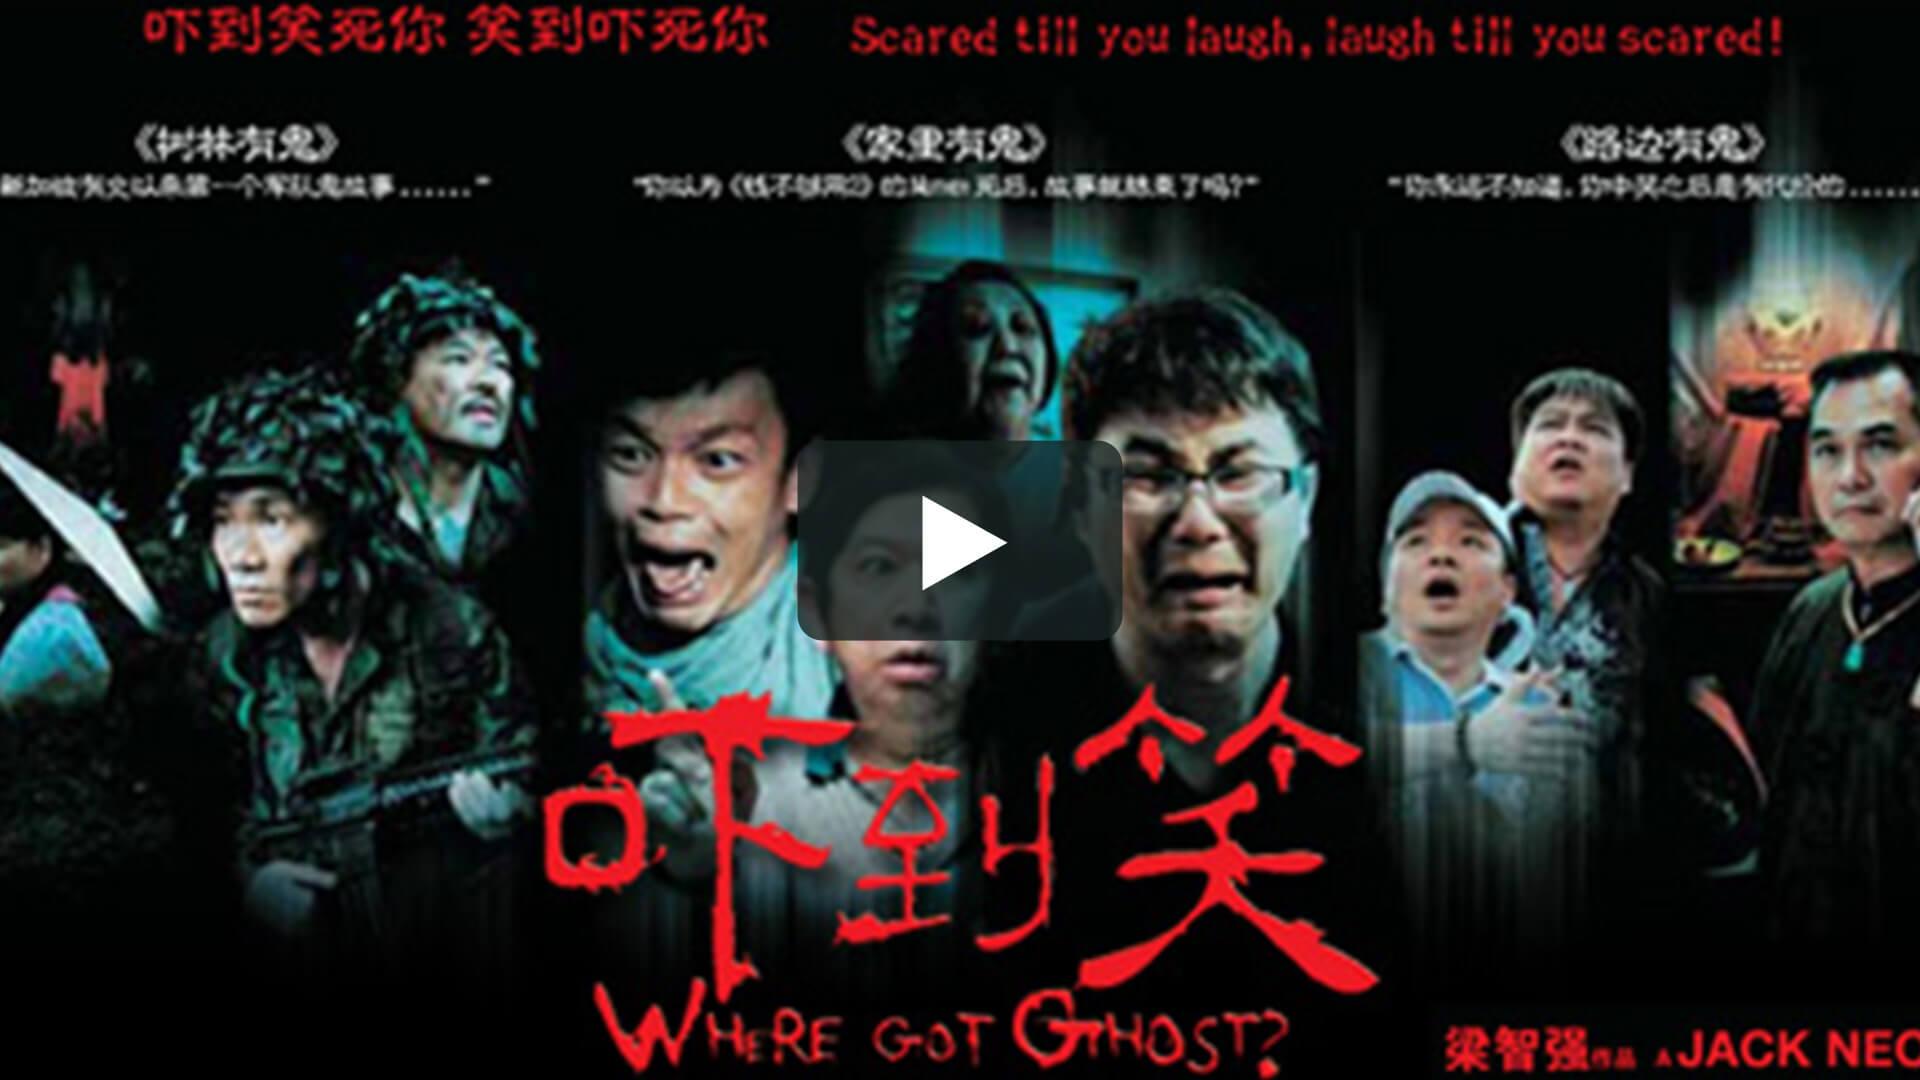 嚇到笑 - Where got ghost?